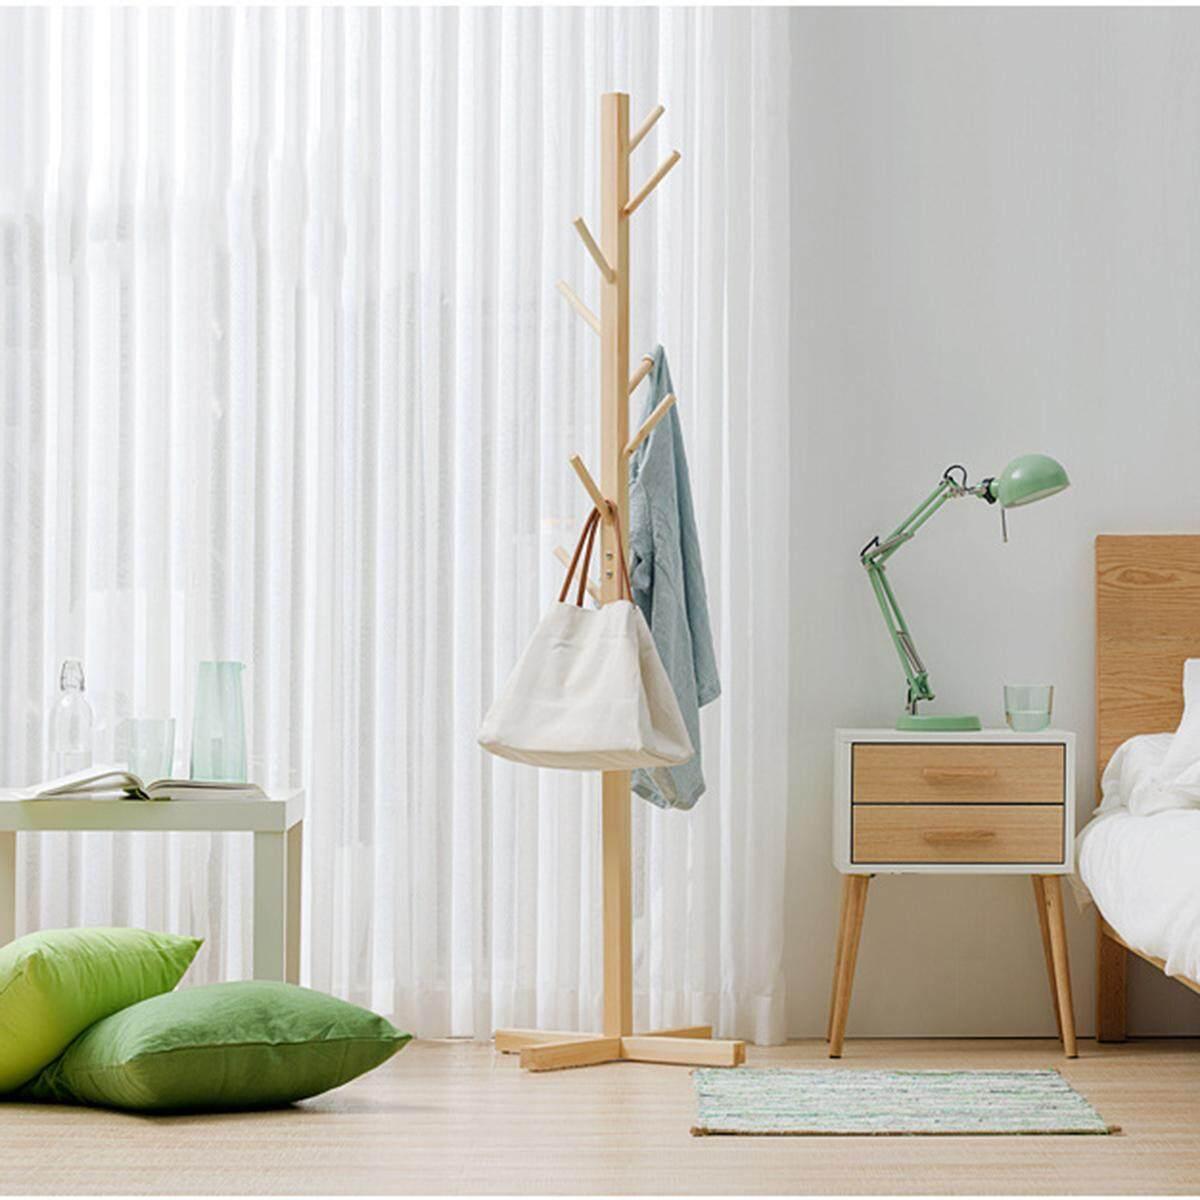 ❤️ Dream Best Simple solid wood floor coat rack living room bedroom hanger storage rack SizeA Renting/Decoration